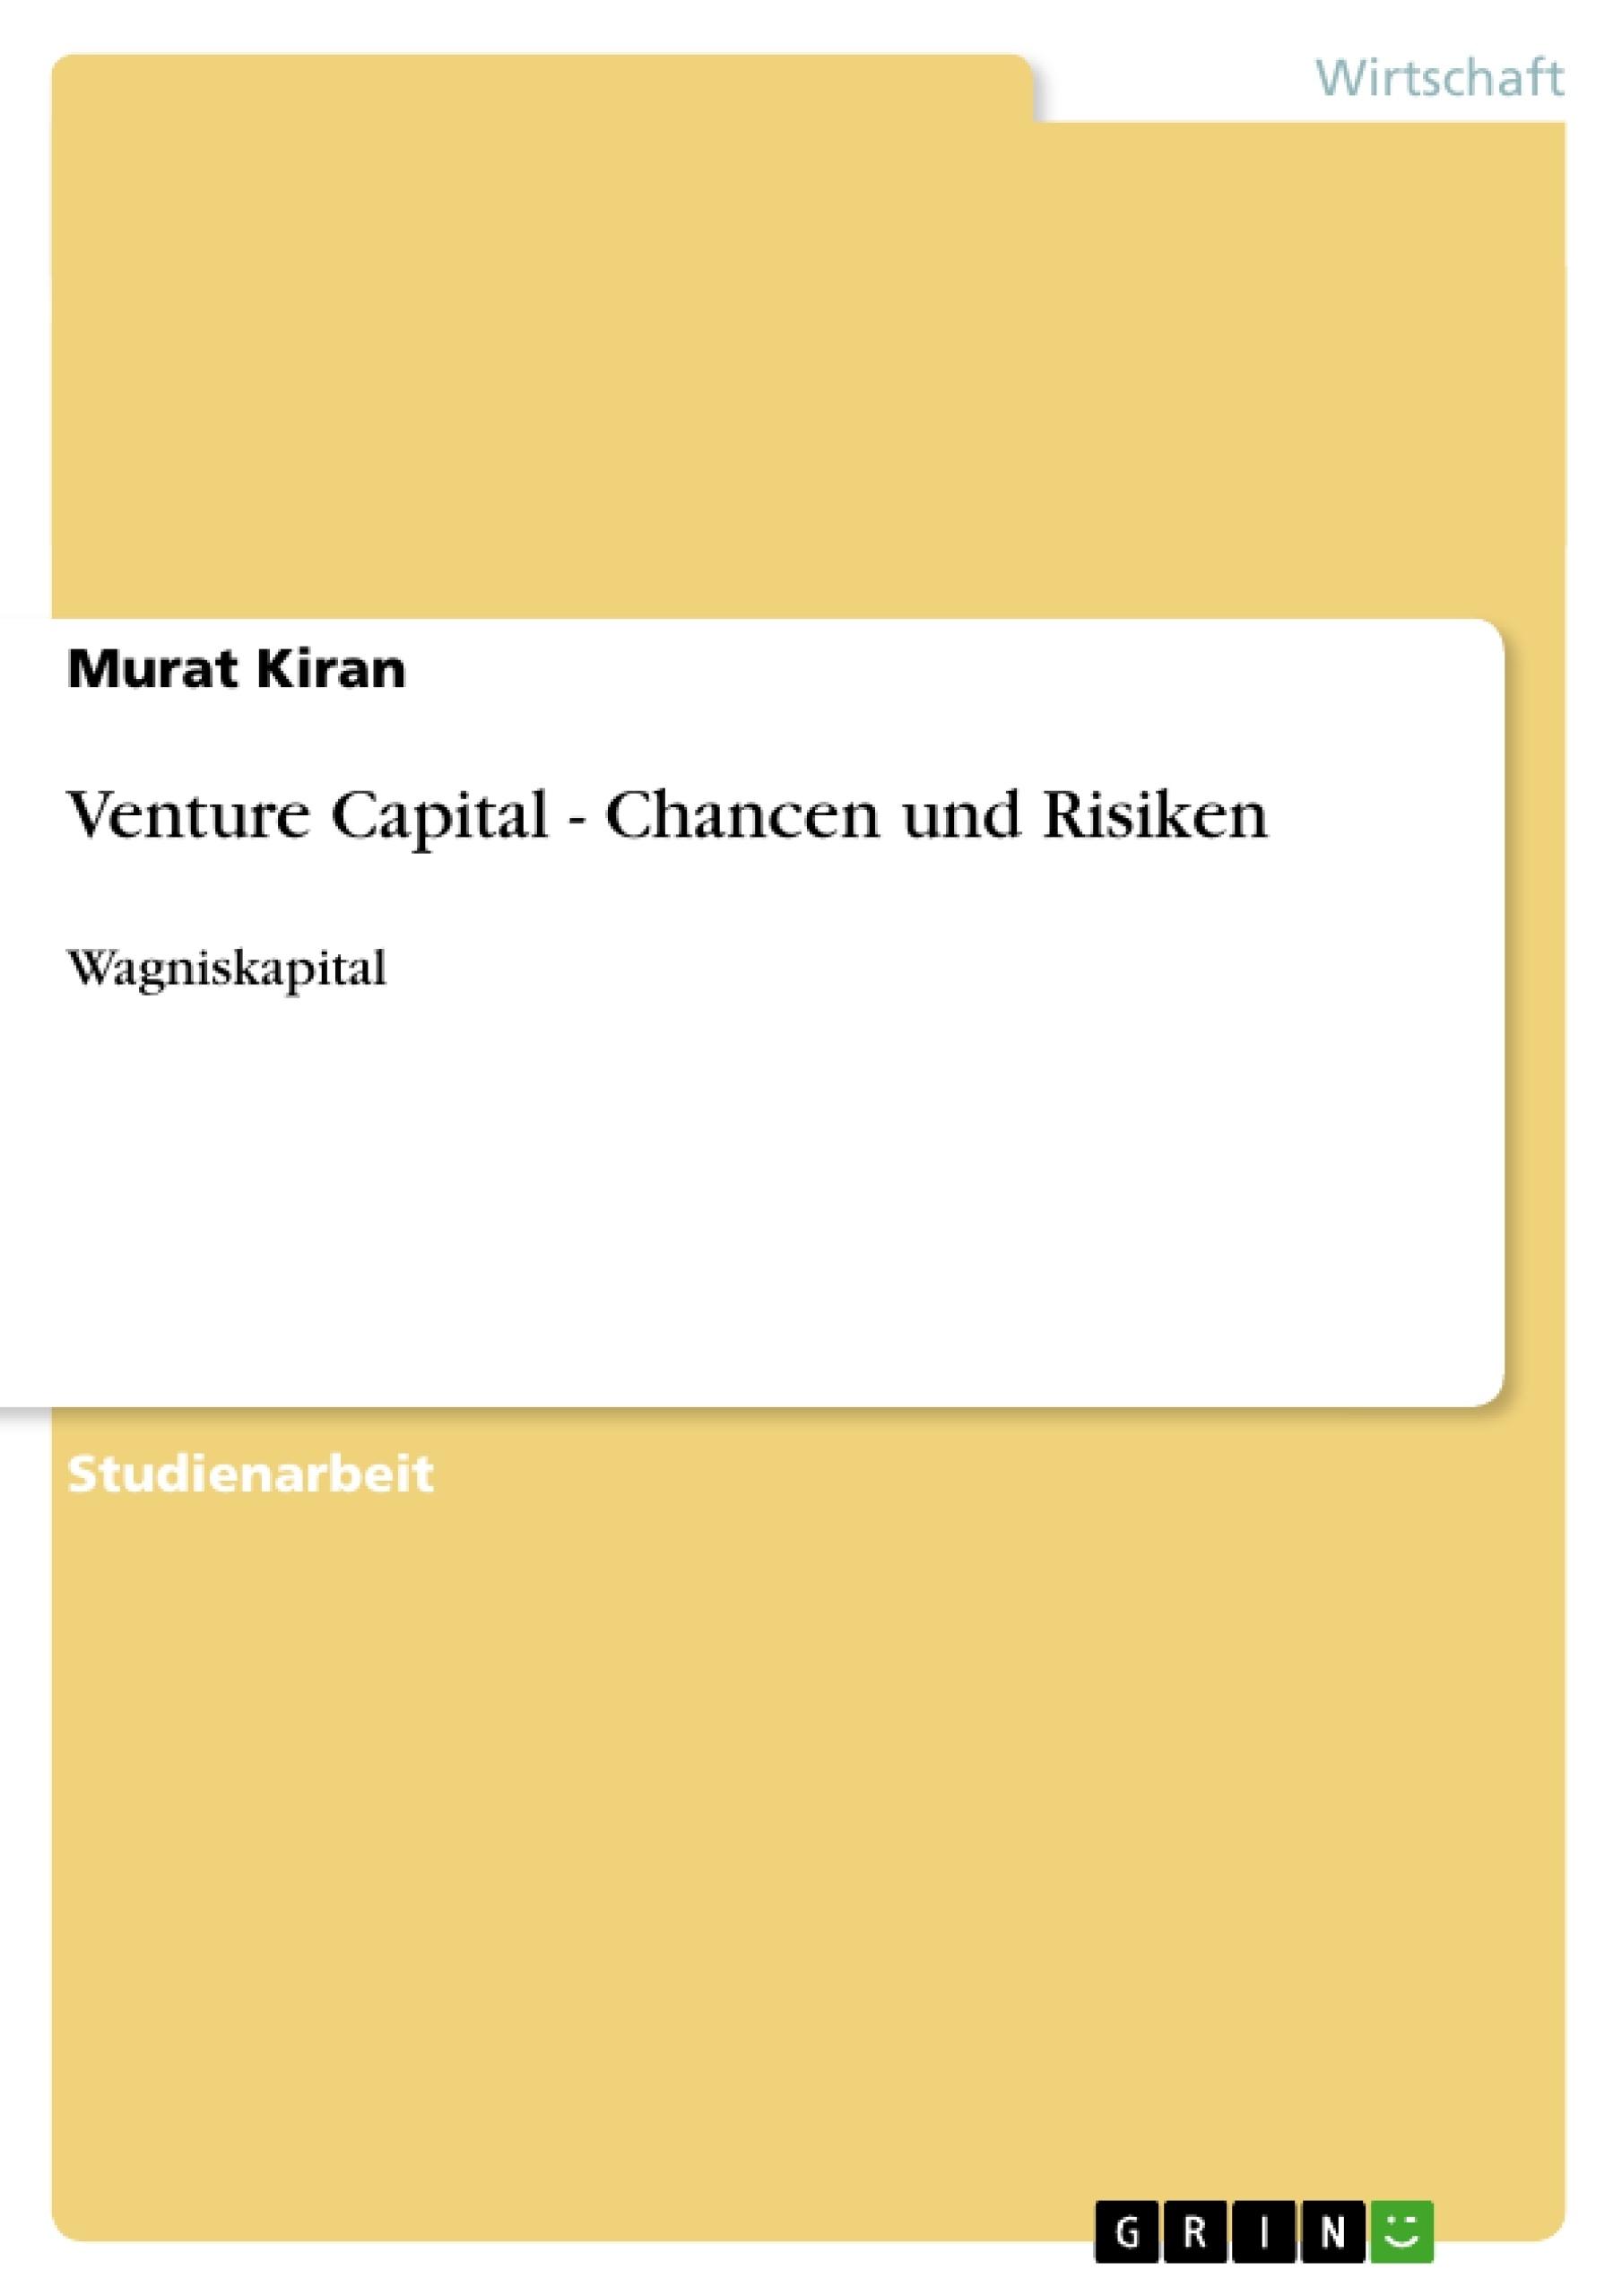 Titel: Venture Capital - Chancen und Risiken